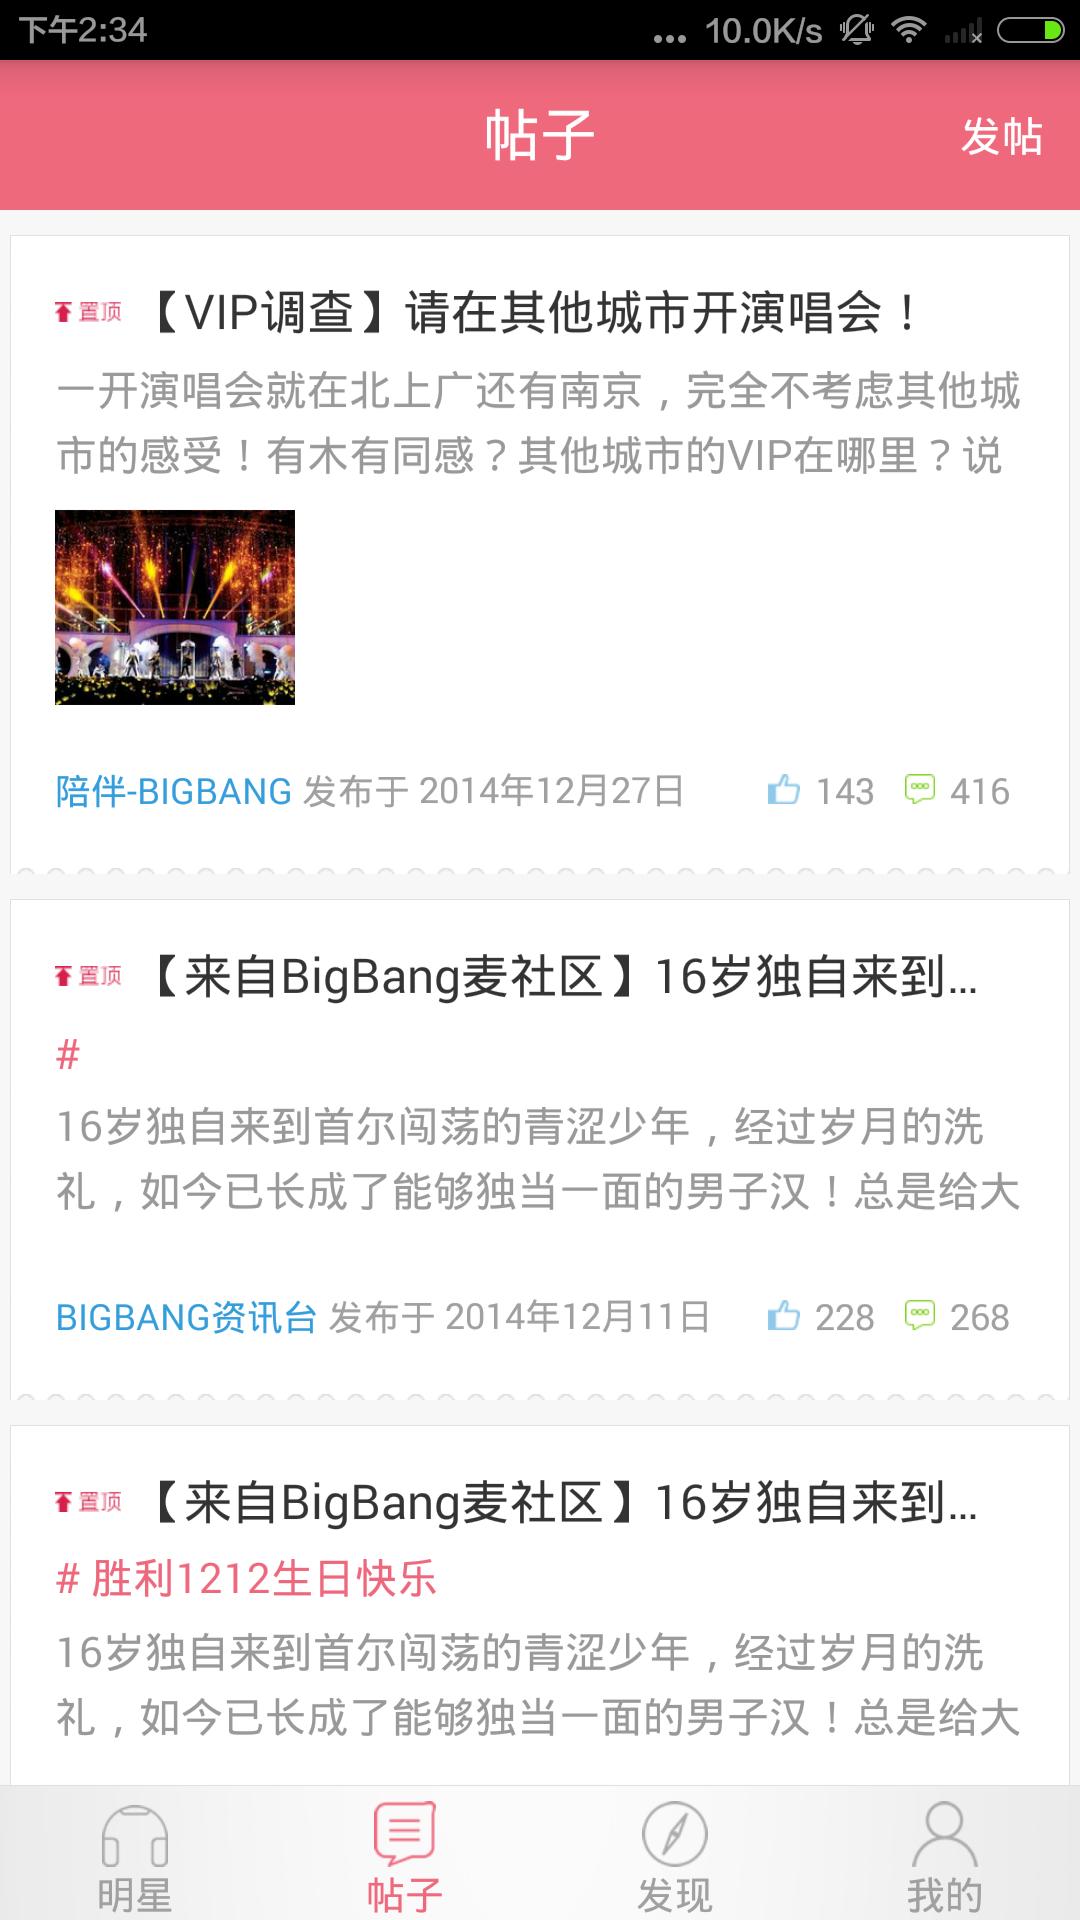 陪伴BigBang截图2